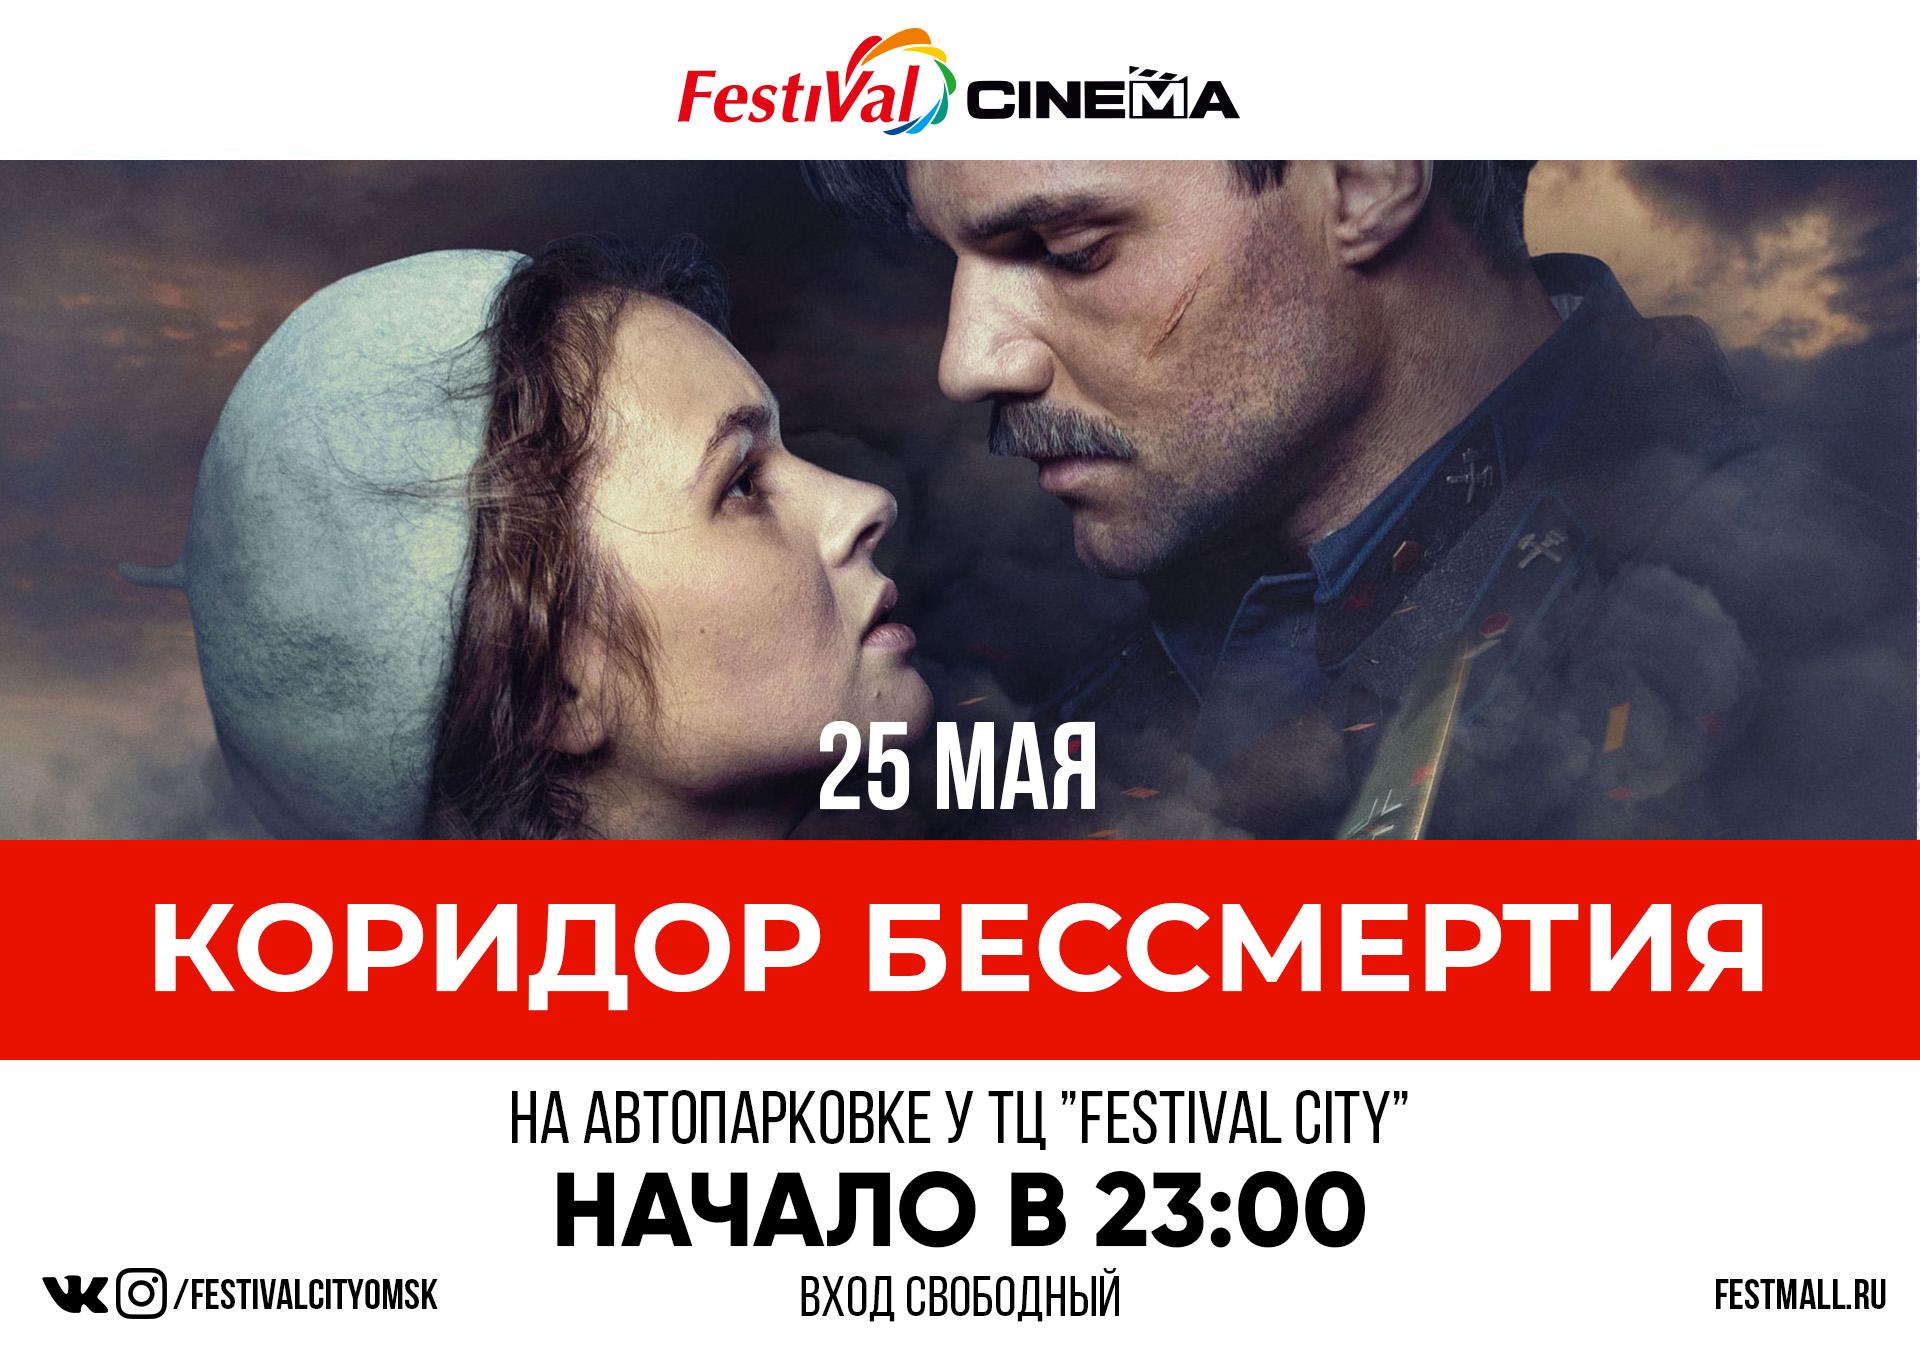 «Коридор бессмертия»  в автокинотеатре Festival City